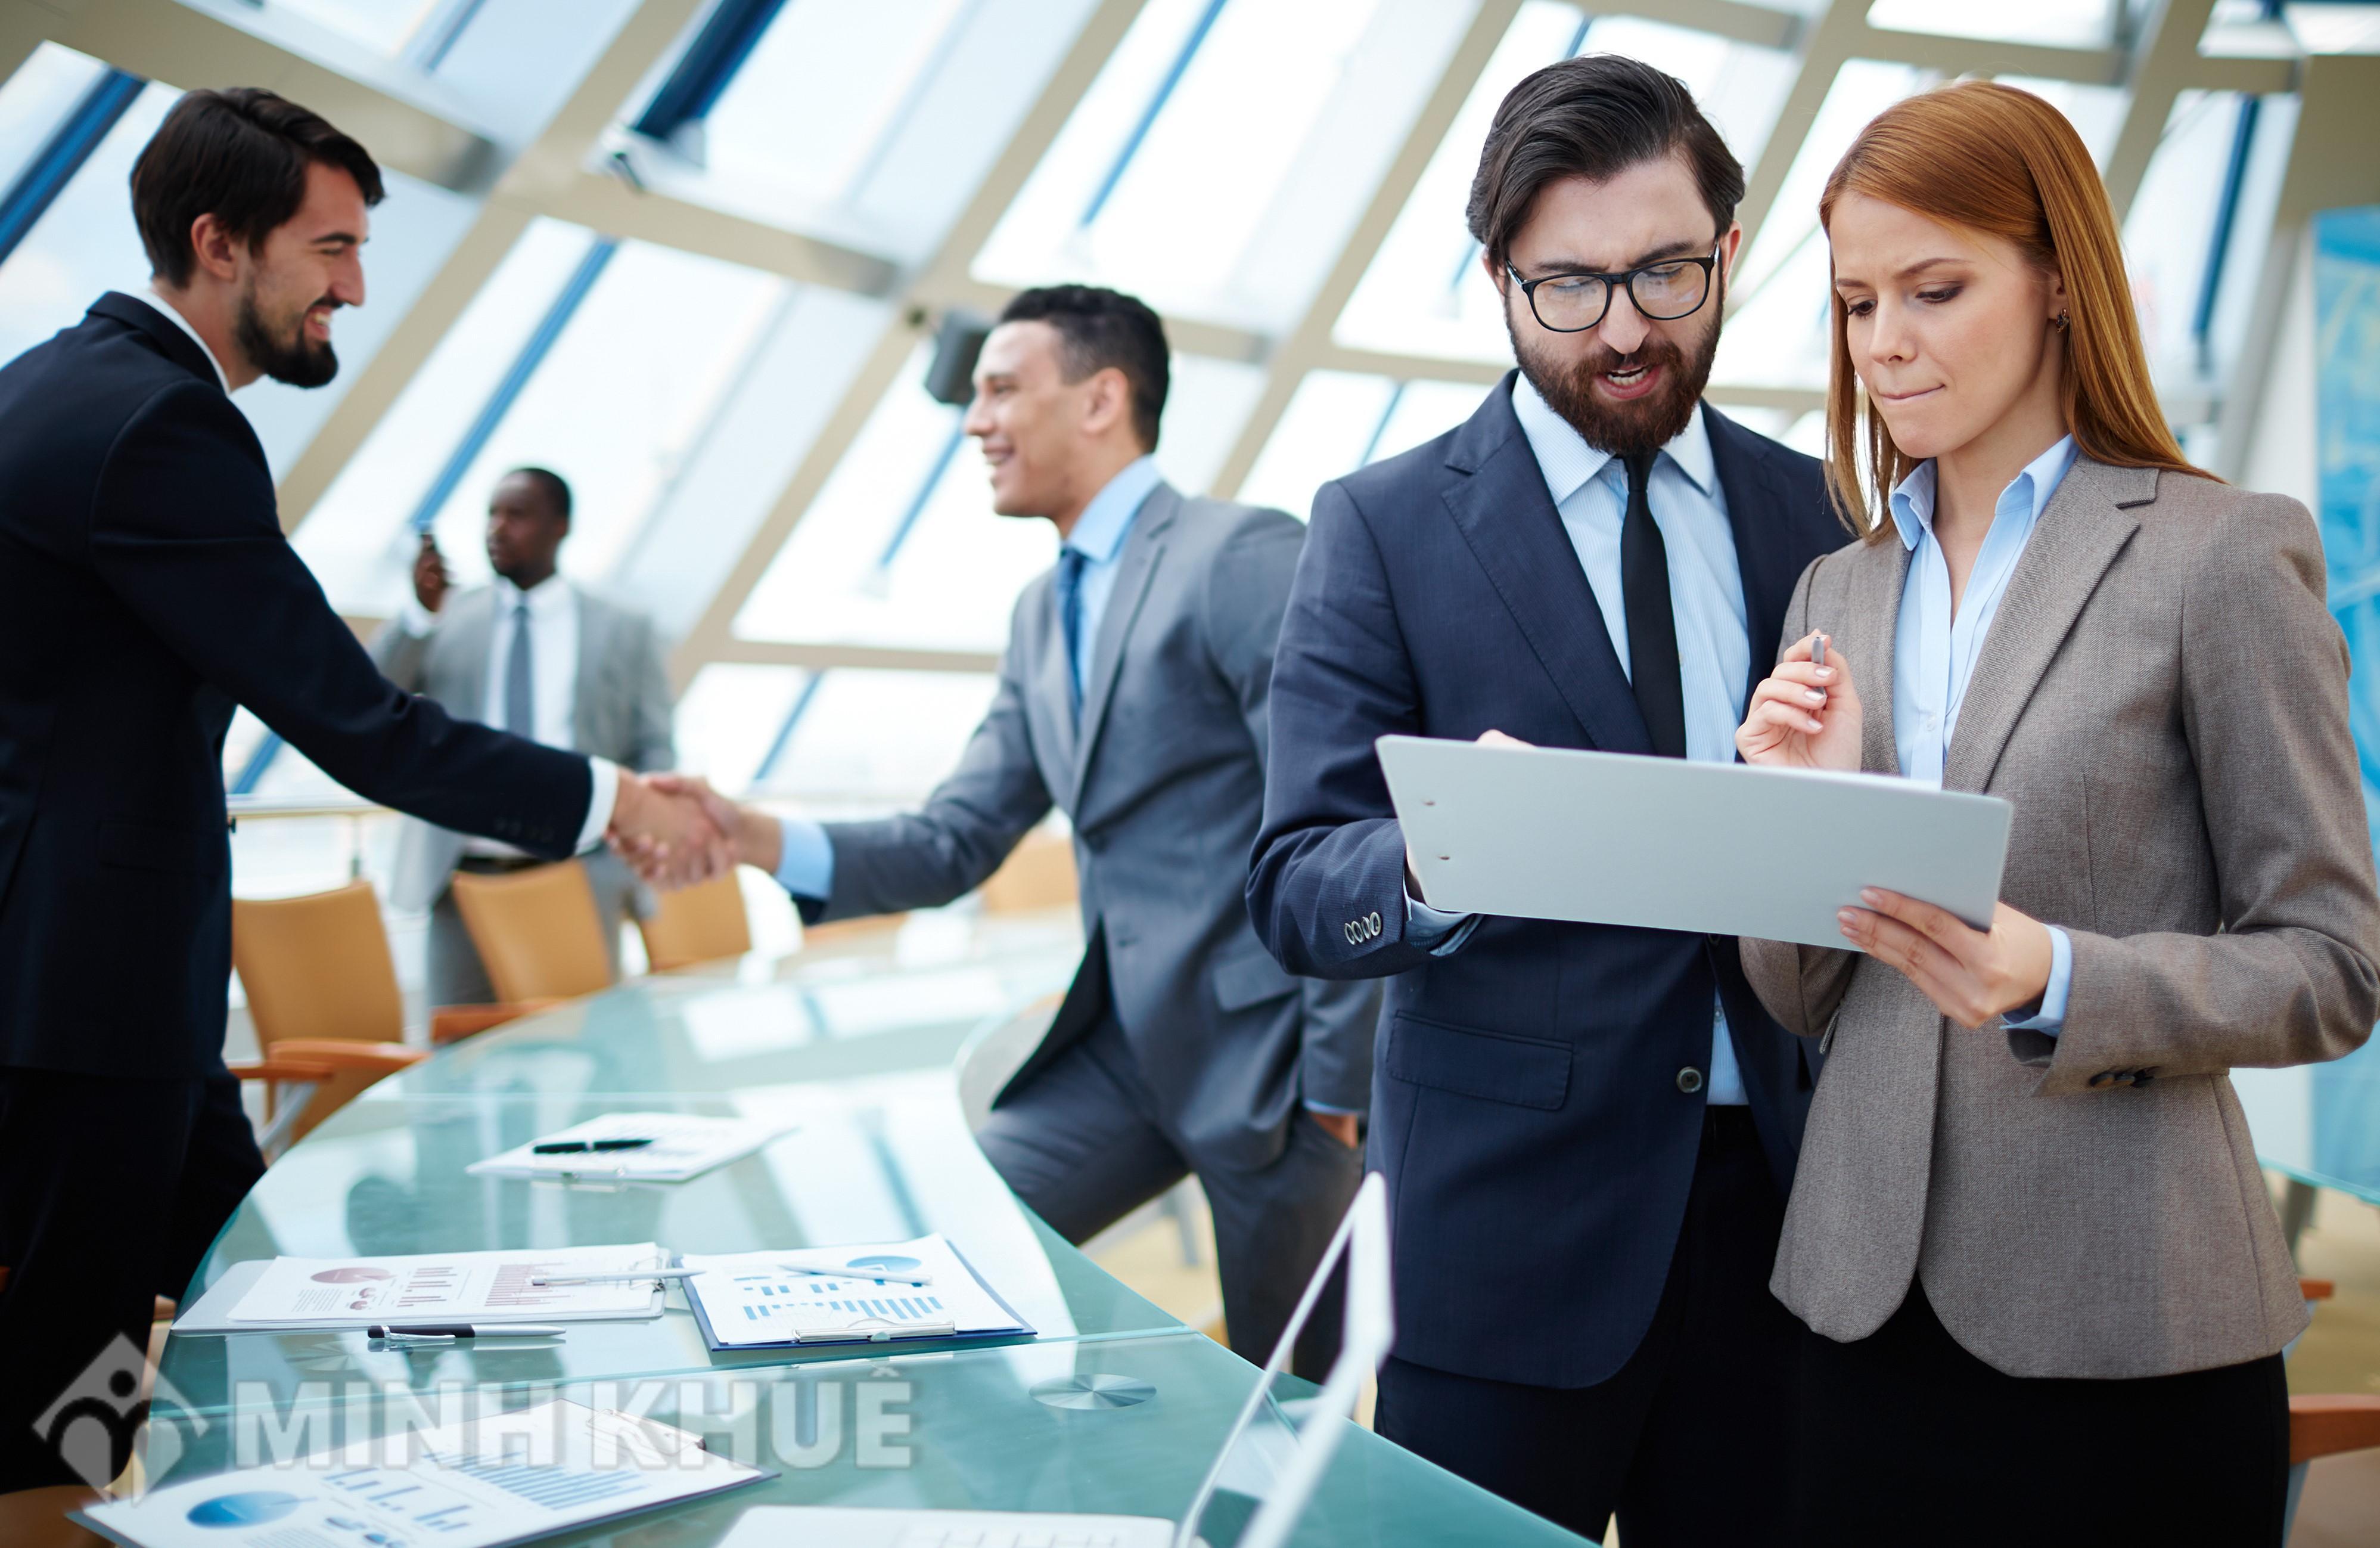 Hồ sơ đăng ký thành lập doanh nghiệp cần những gì ?